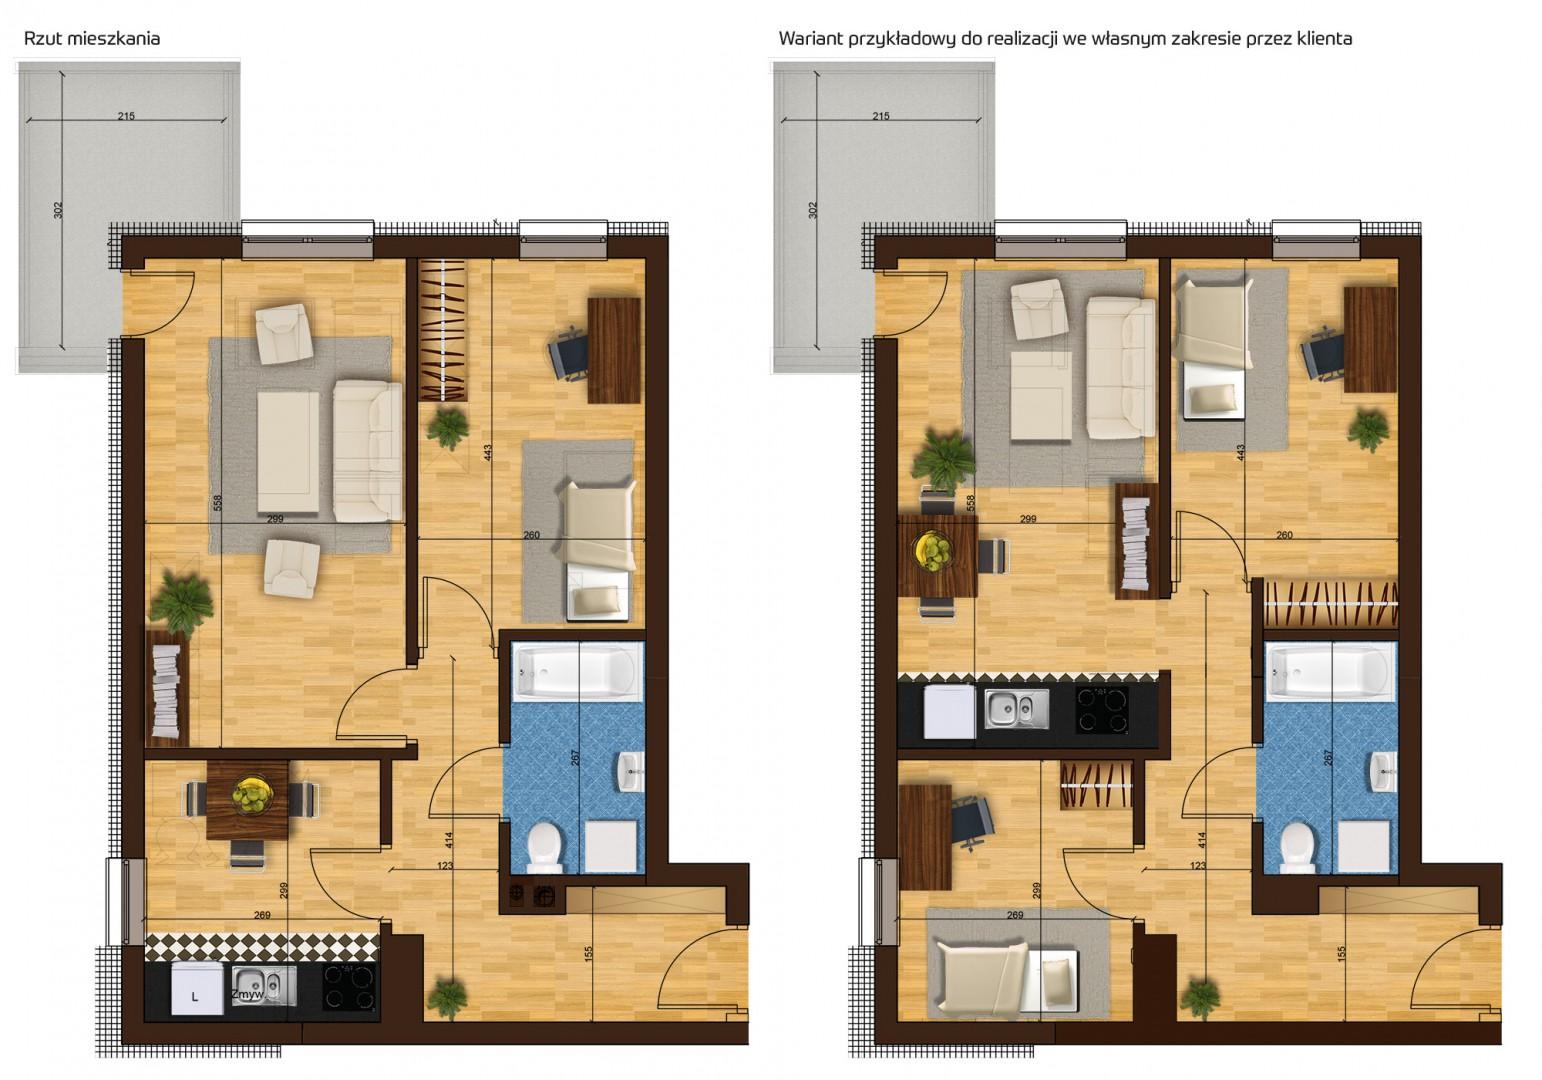 Mieszkanie dwupokojowe 33G/23 rzut 1